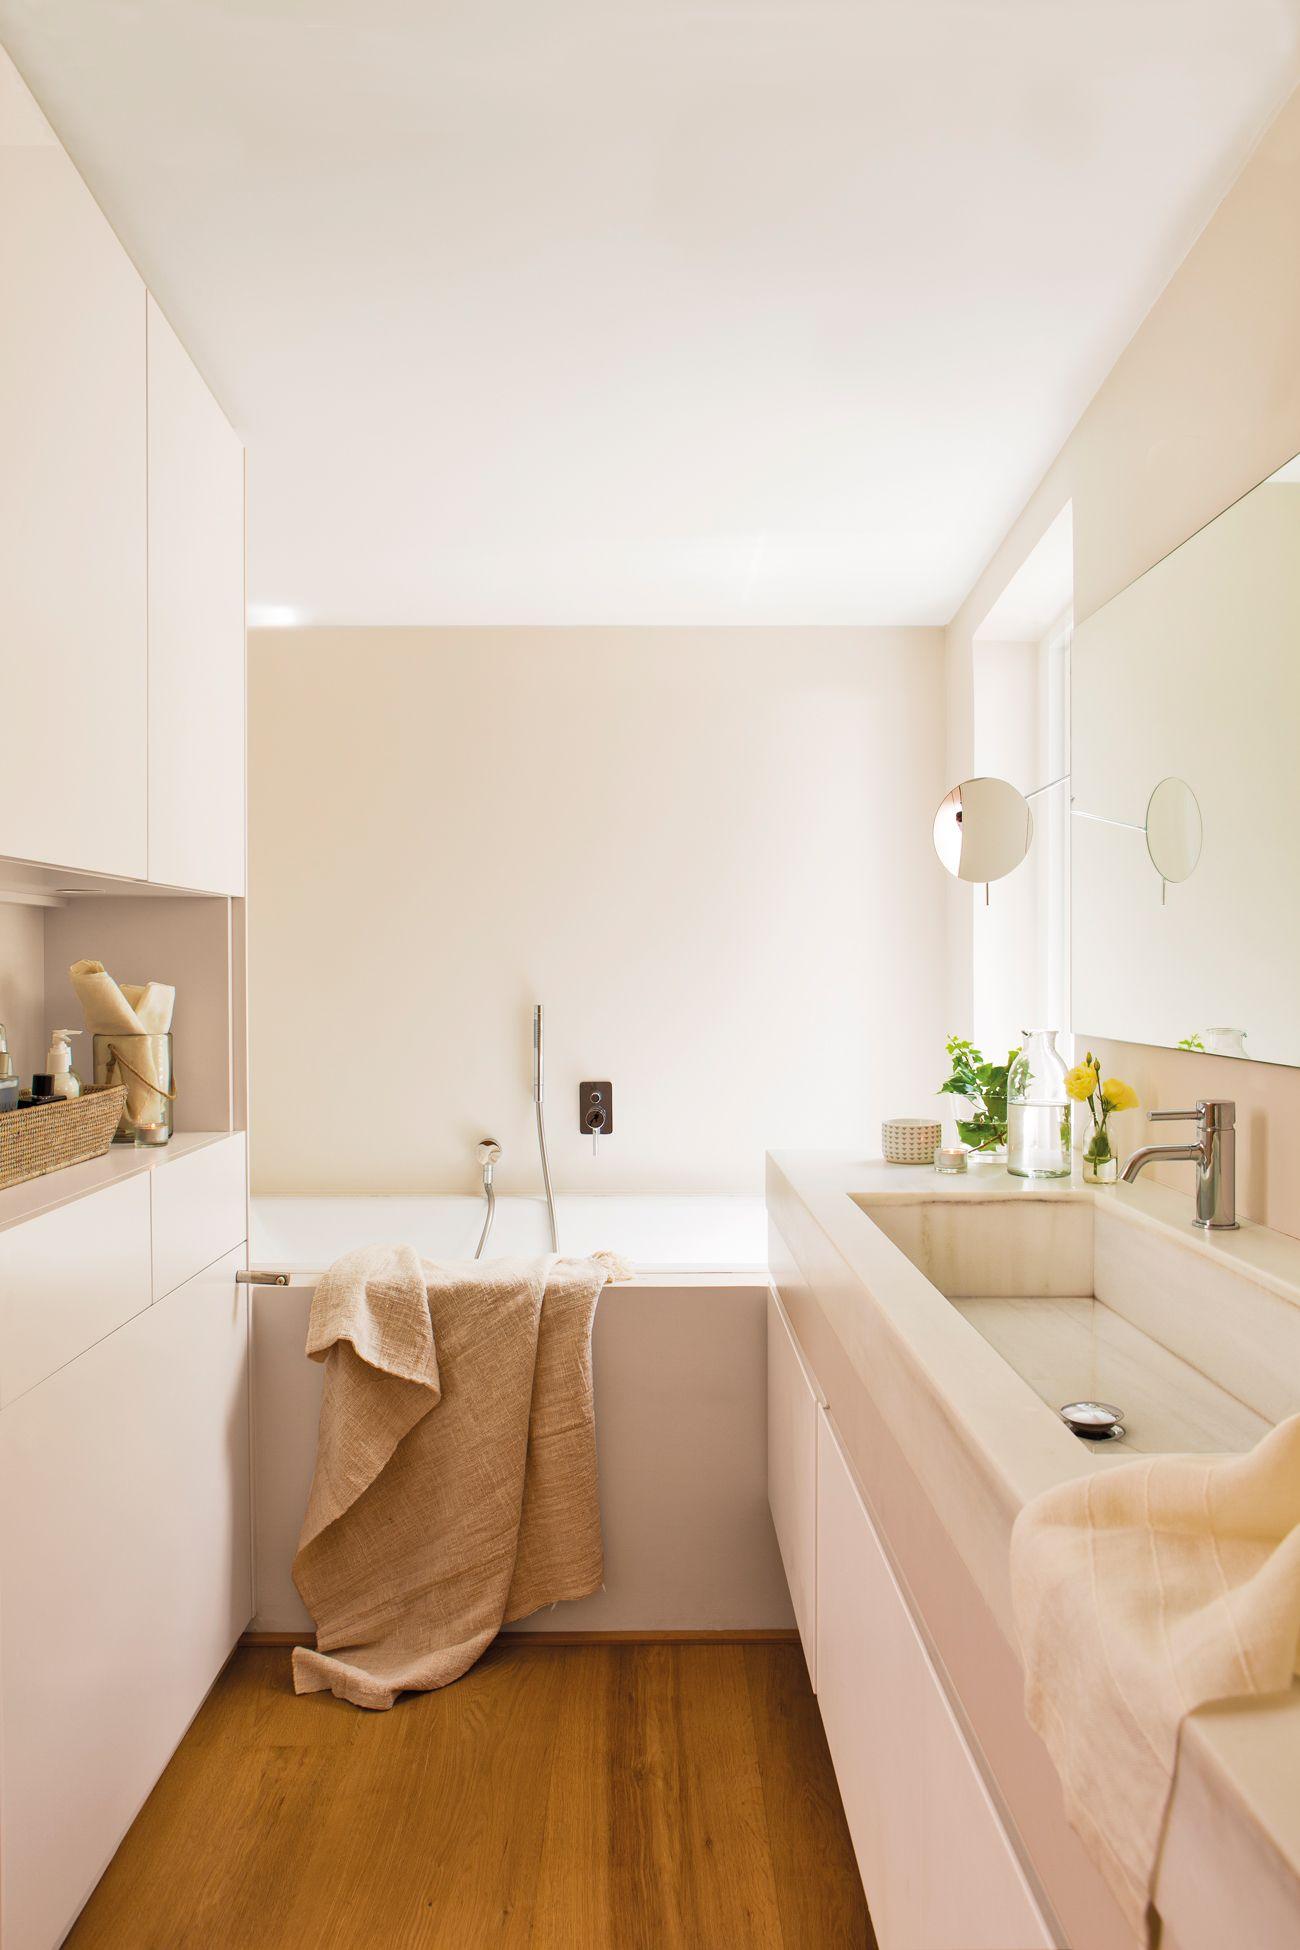 Baño pequeño en microcemento con madera 00436849